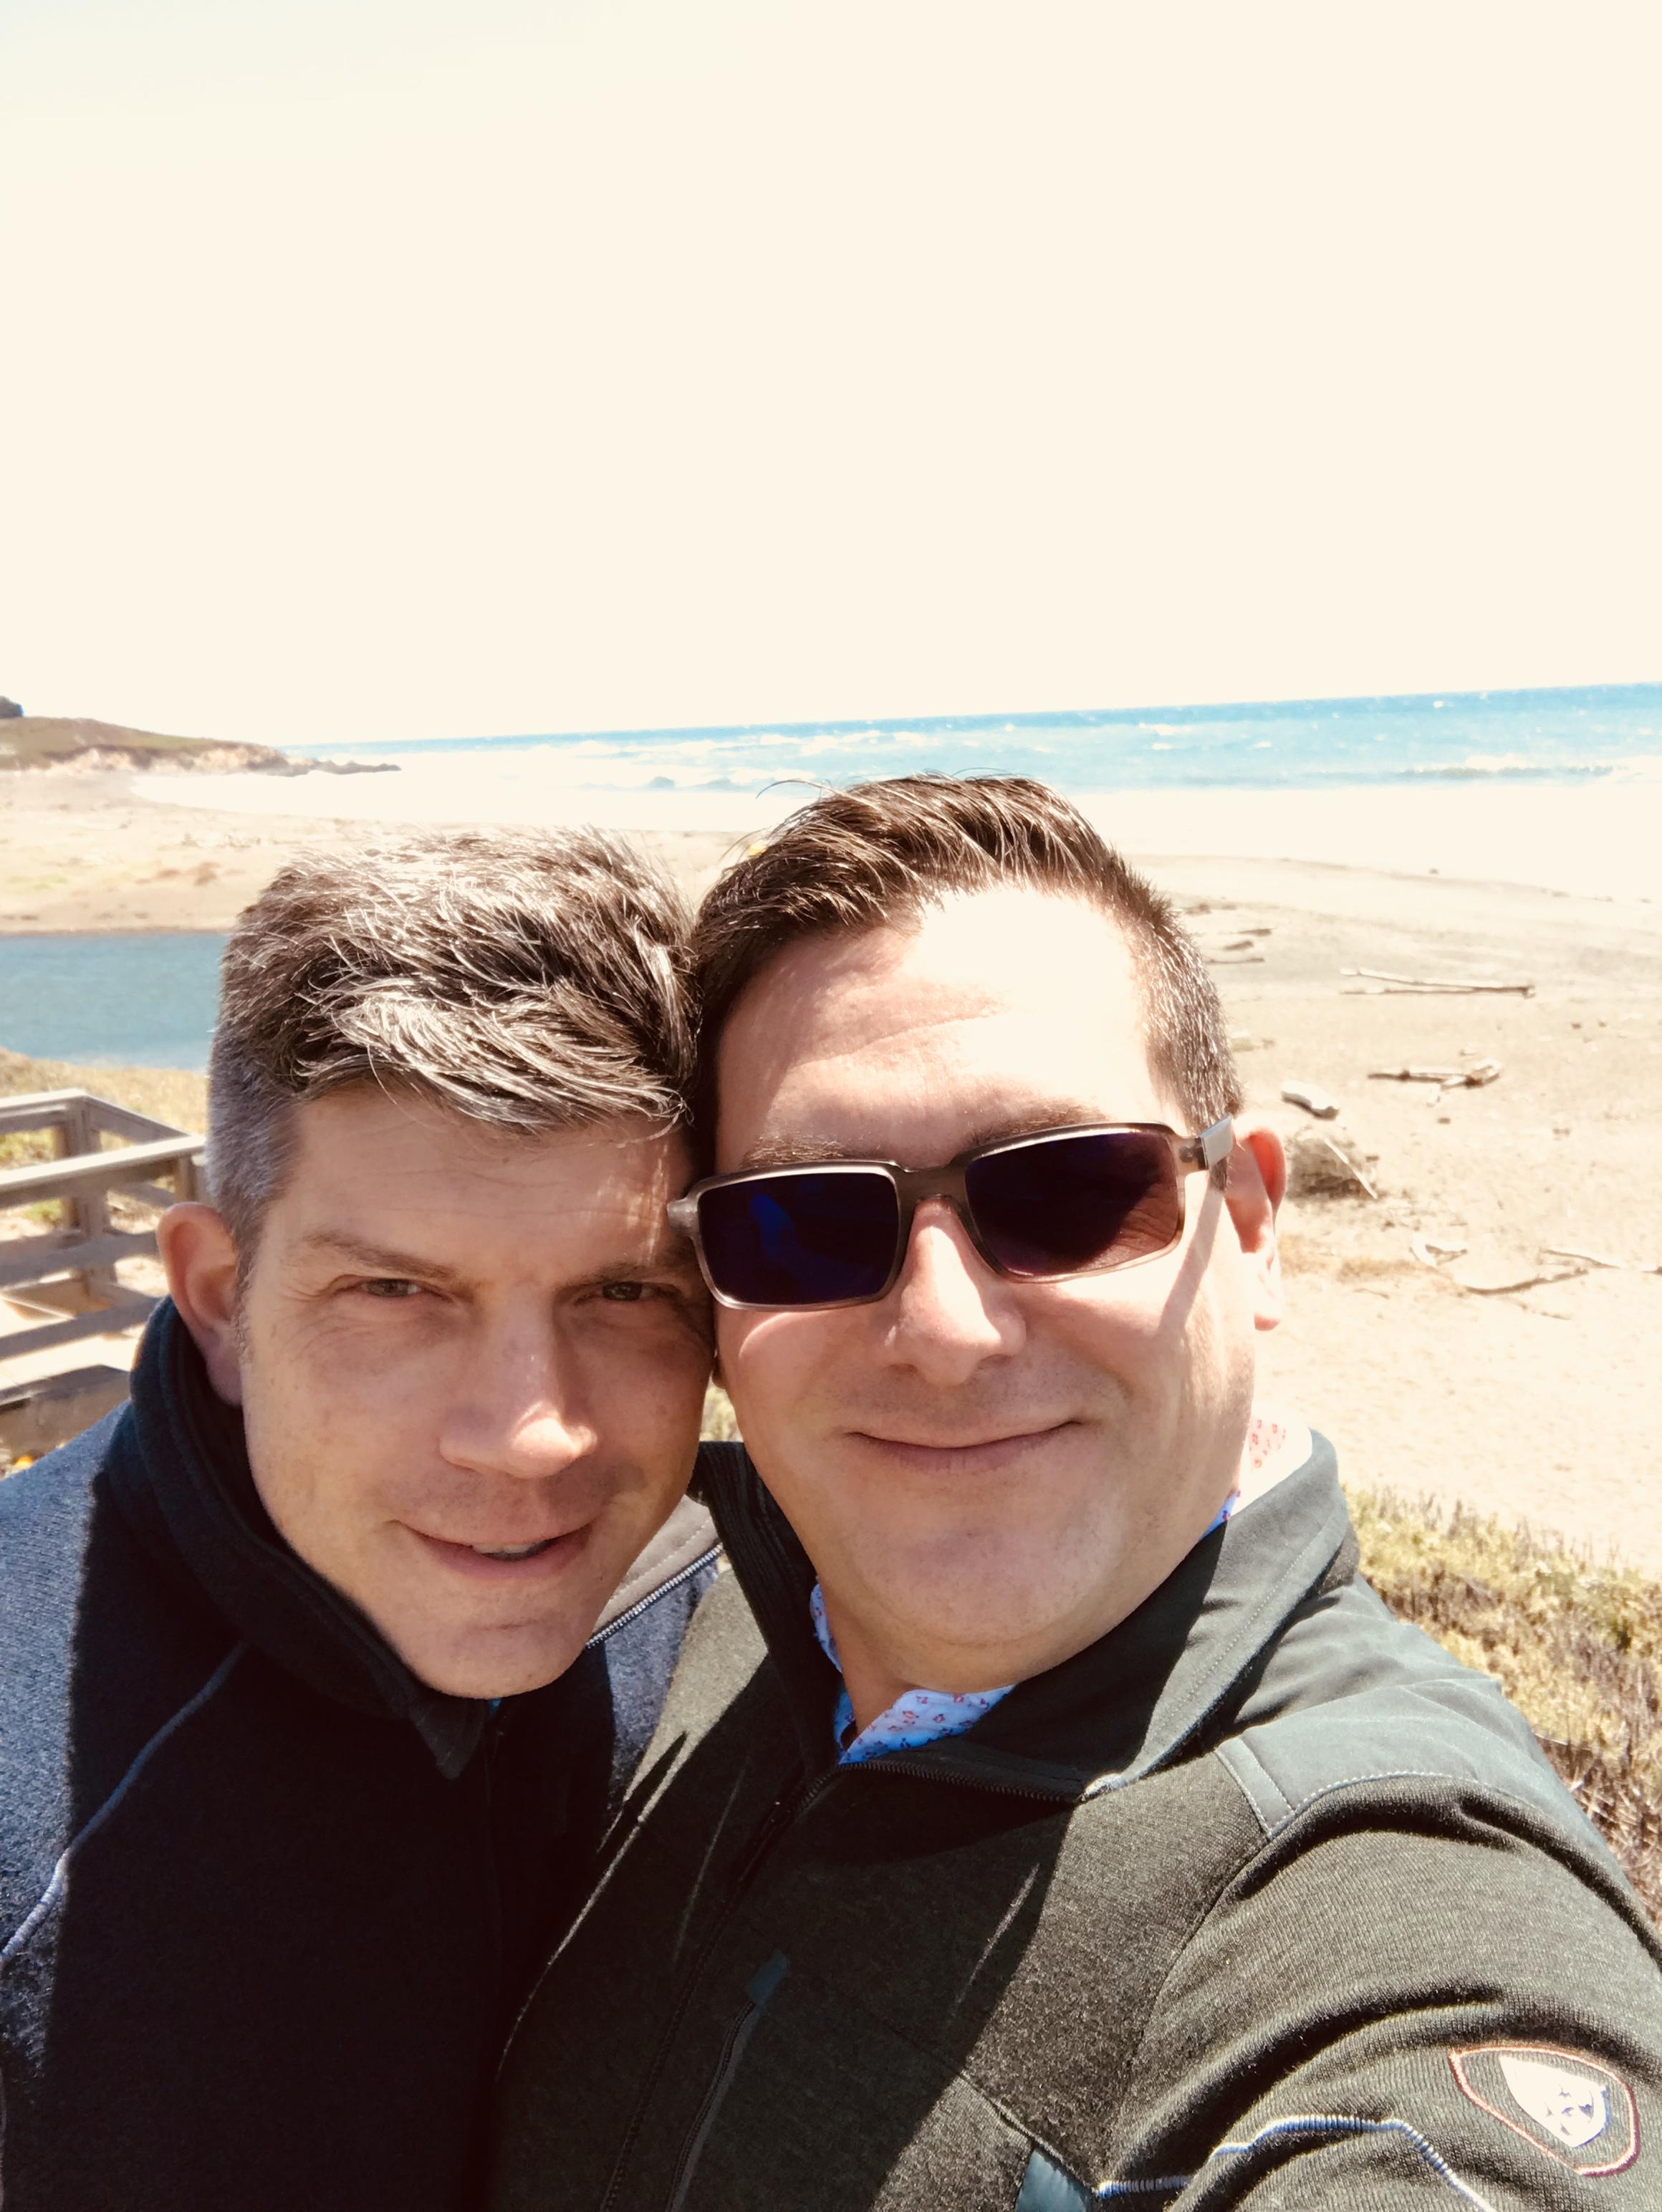 John and Rod on the beach